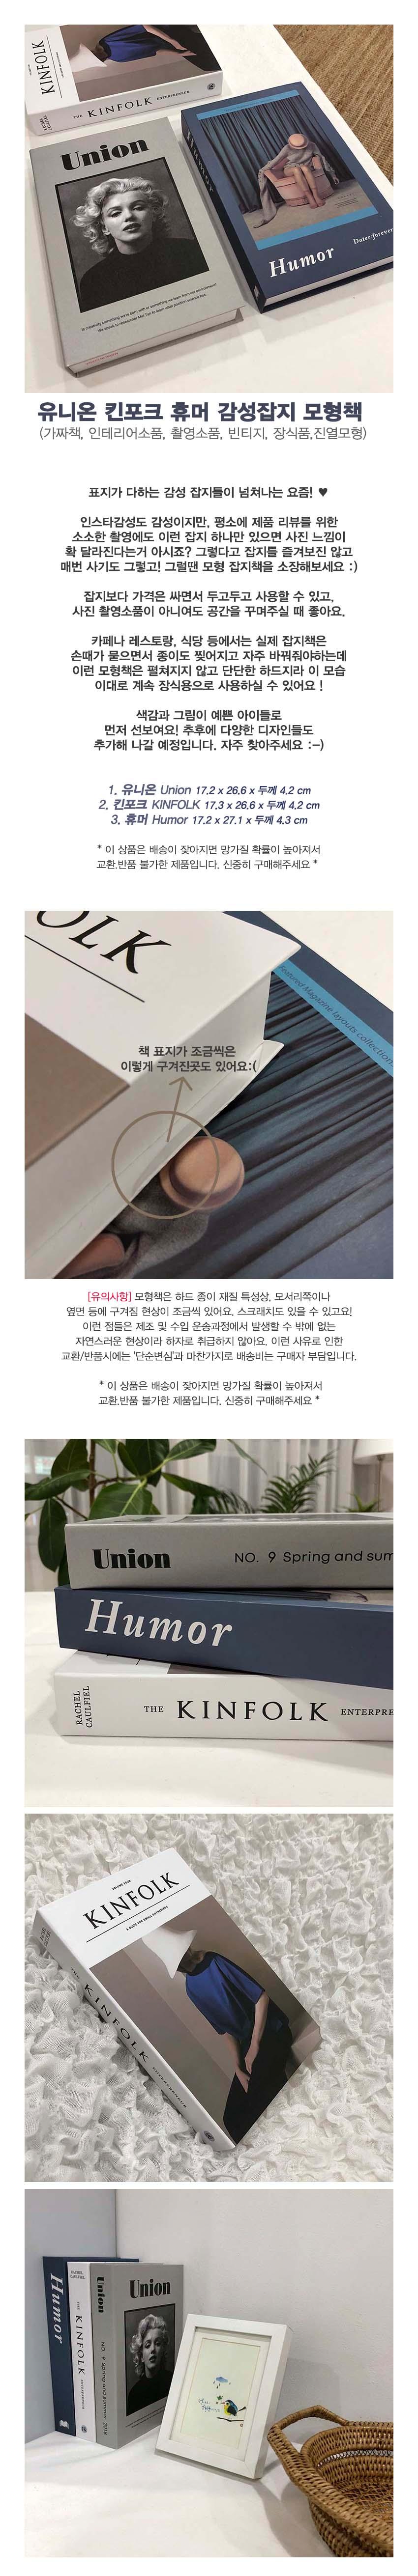 유니온 킨포크 휴머 감성잡지 모형책 - 피우다, 6,900원, 장식소품, 기타 소품